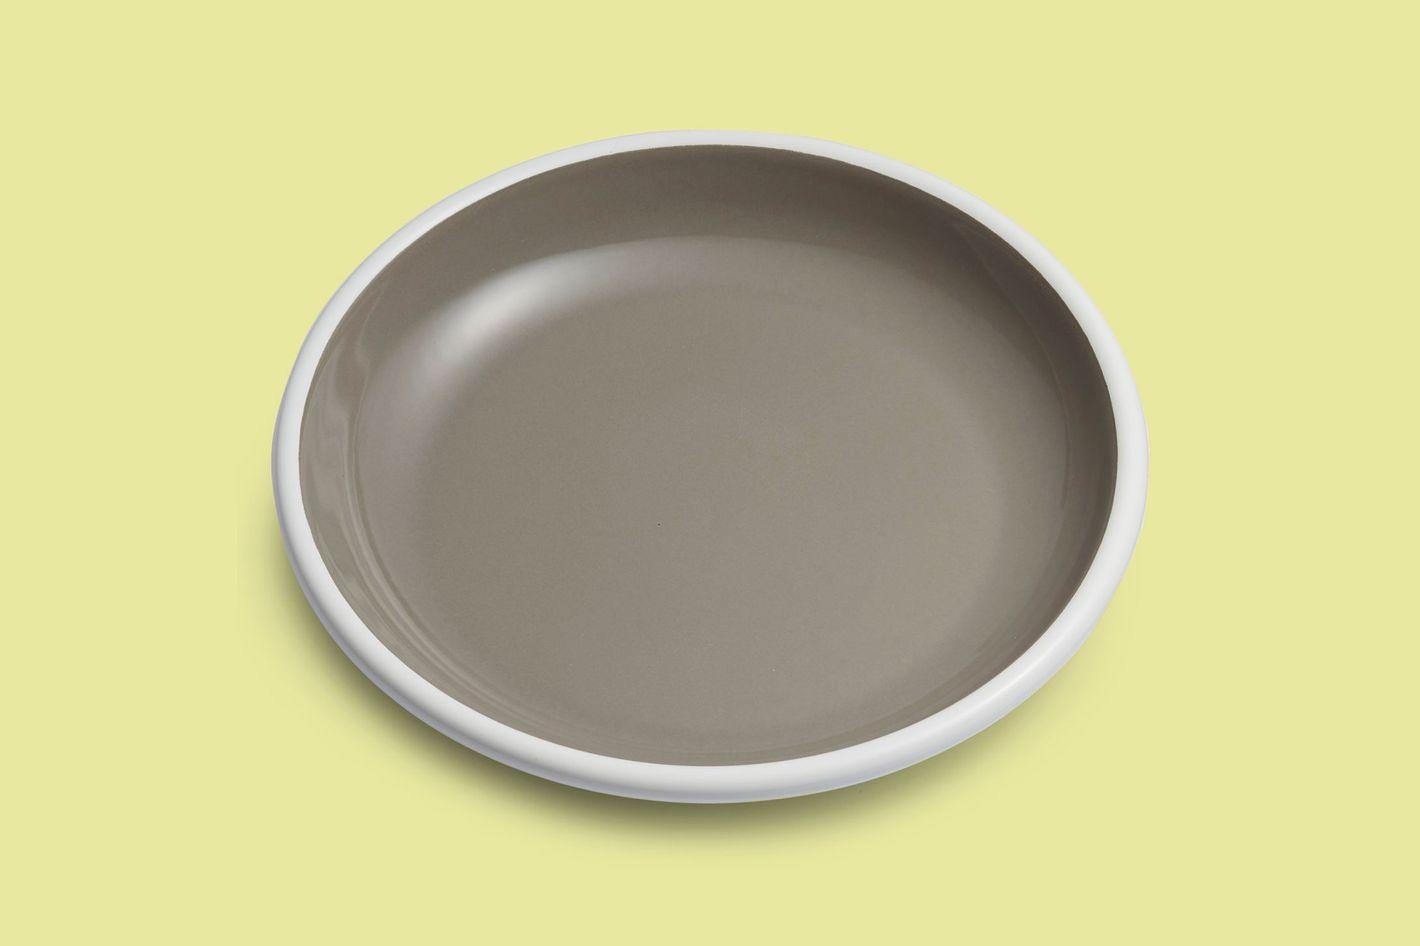 Bornn Enamelware Dinner Plate